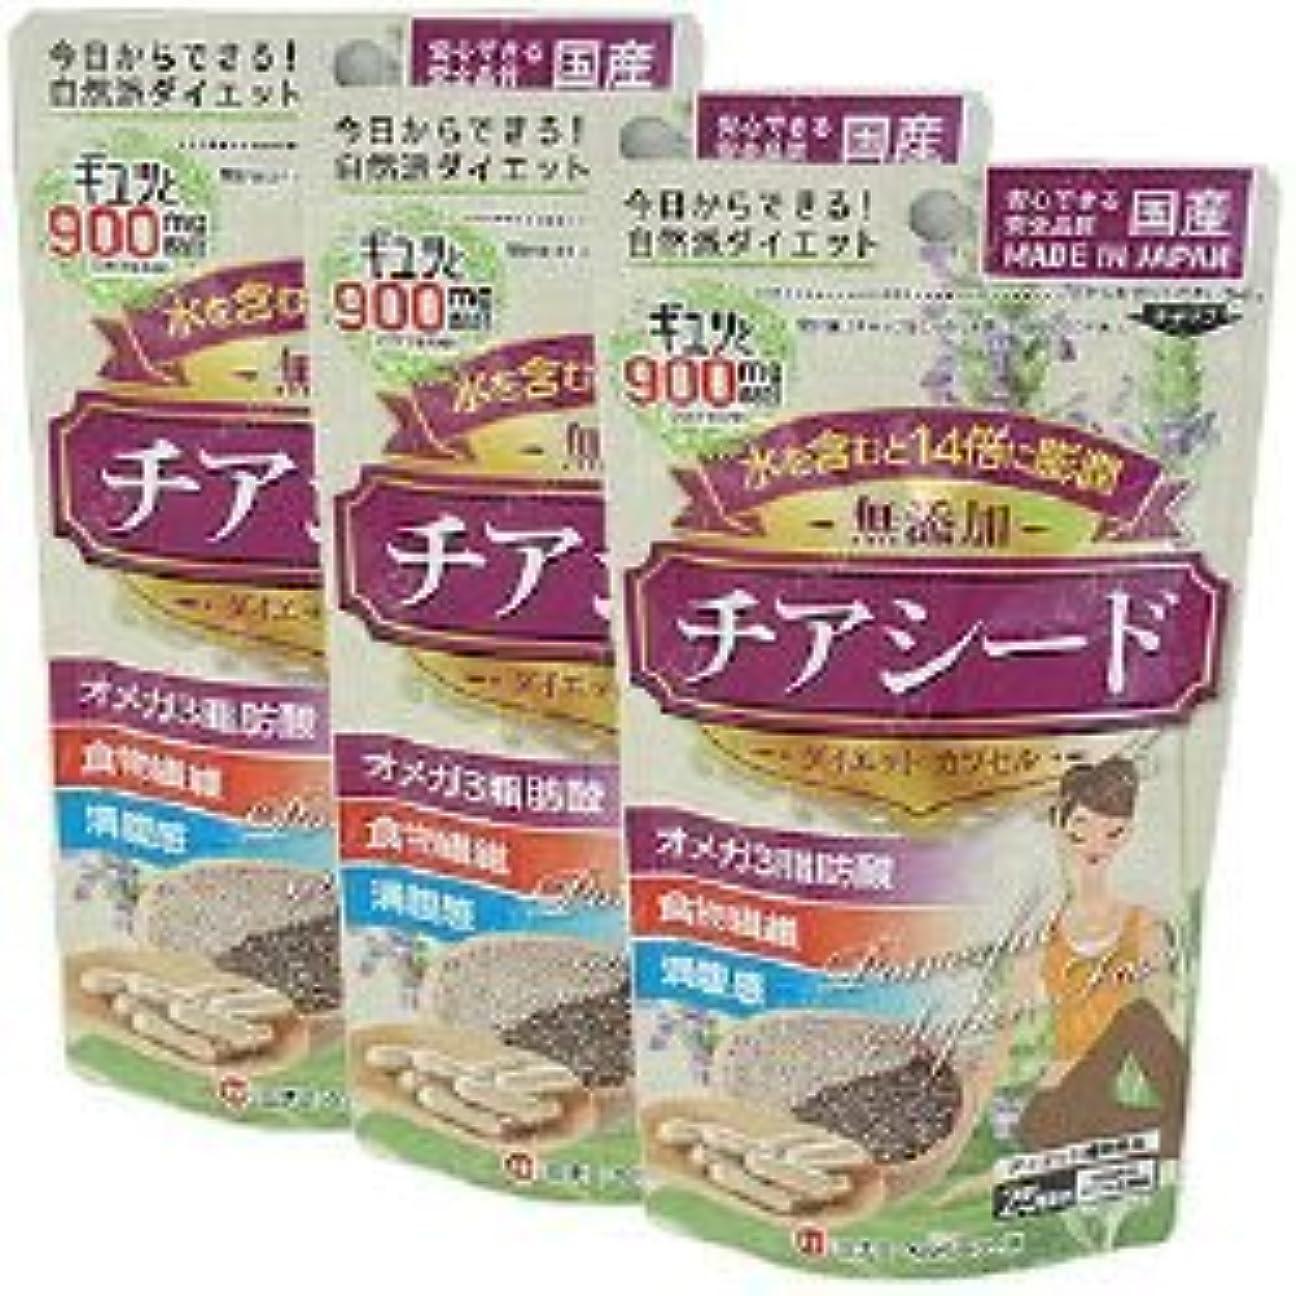 さわやかリーチフルーツ野菜ミナミヘルシーフーズ チアシードダイエットカプセル 75カプセル×3袋(お取り寄せ品) 4945904018491*3